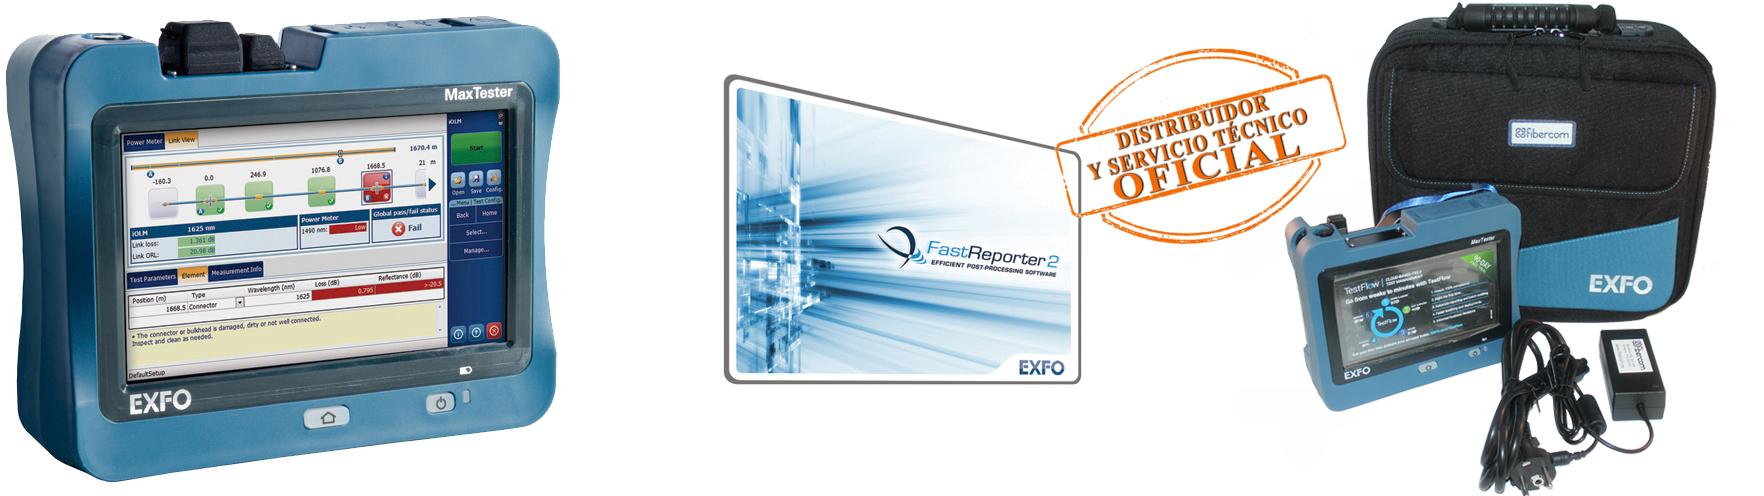 Kit_OTDR_EXFO_Fibercom_2020